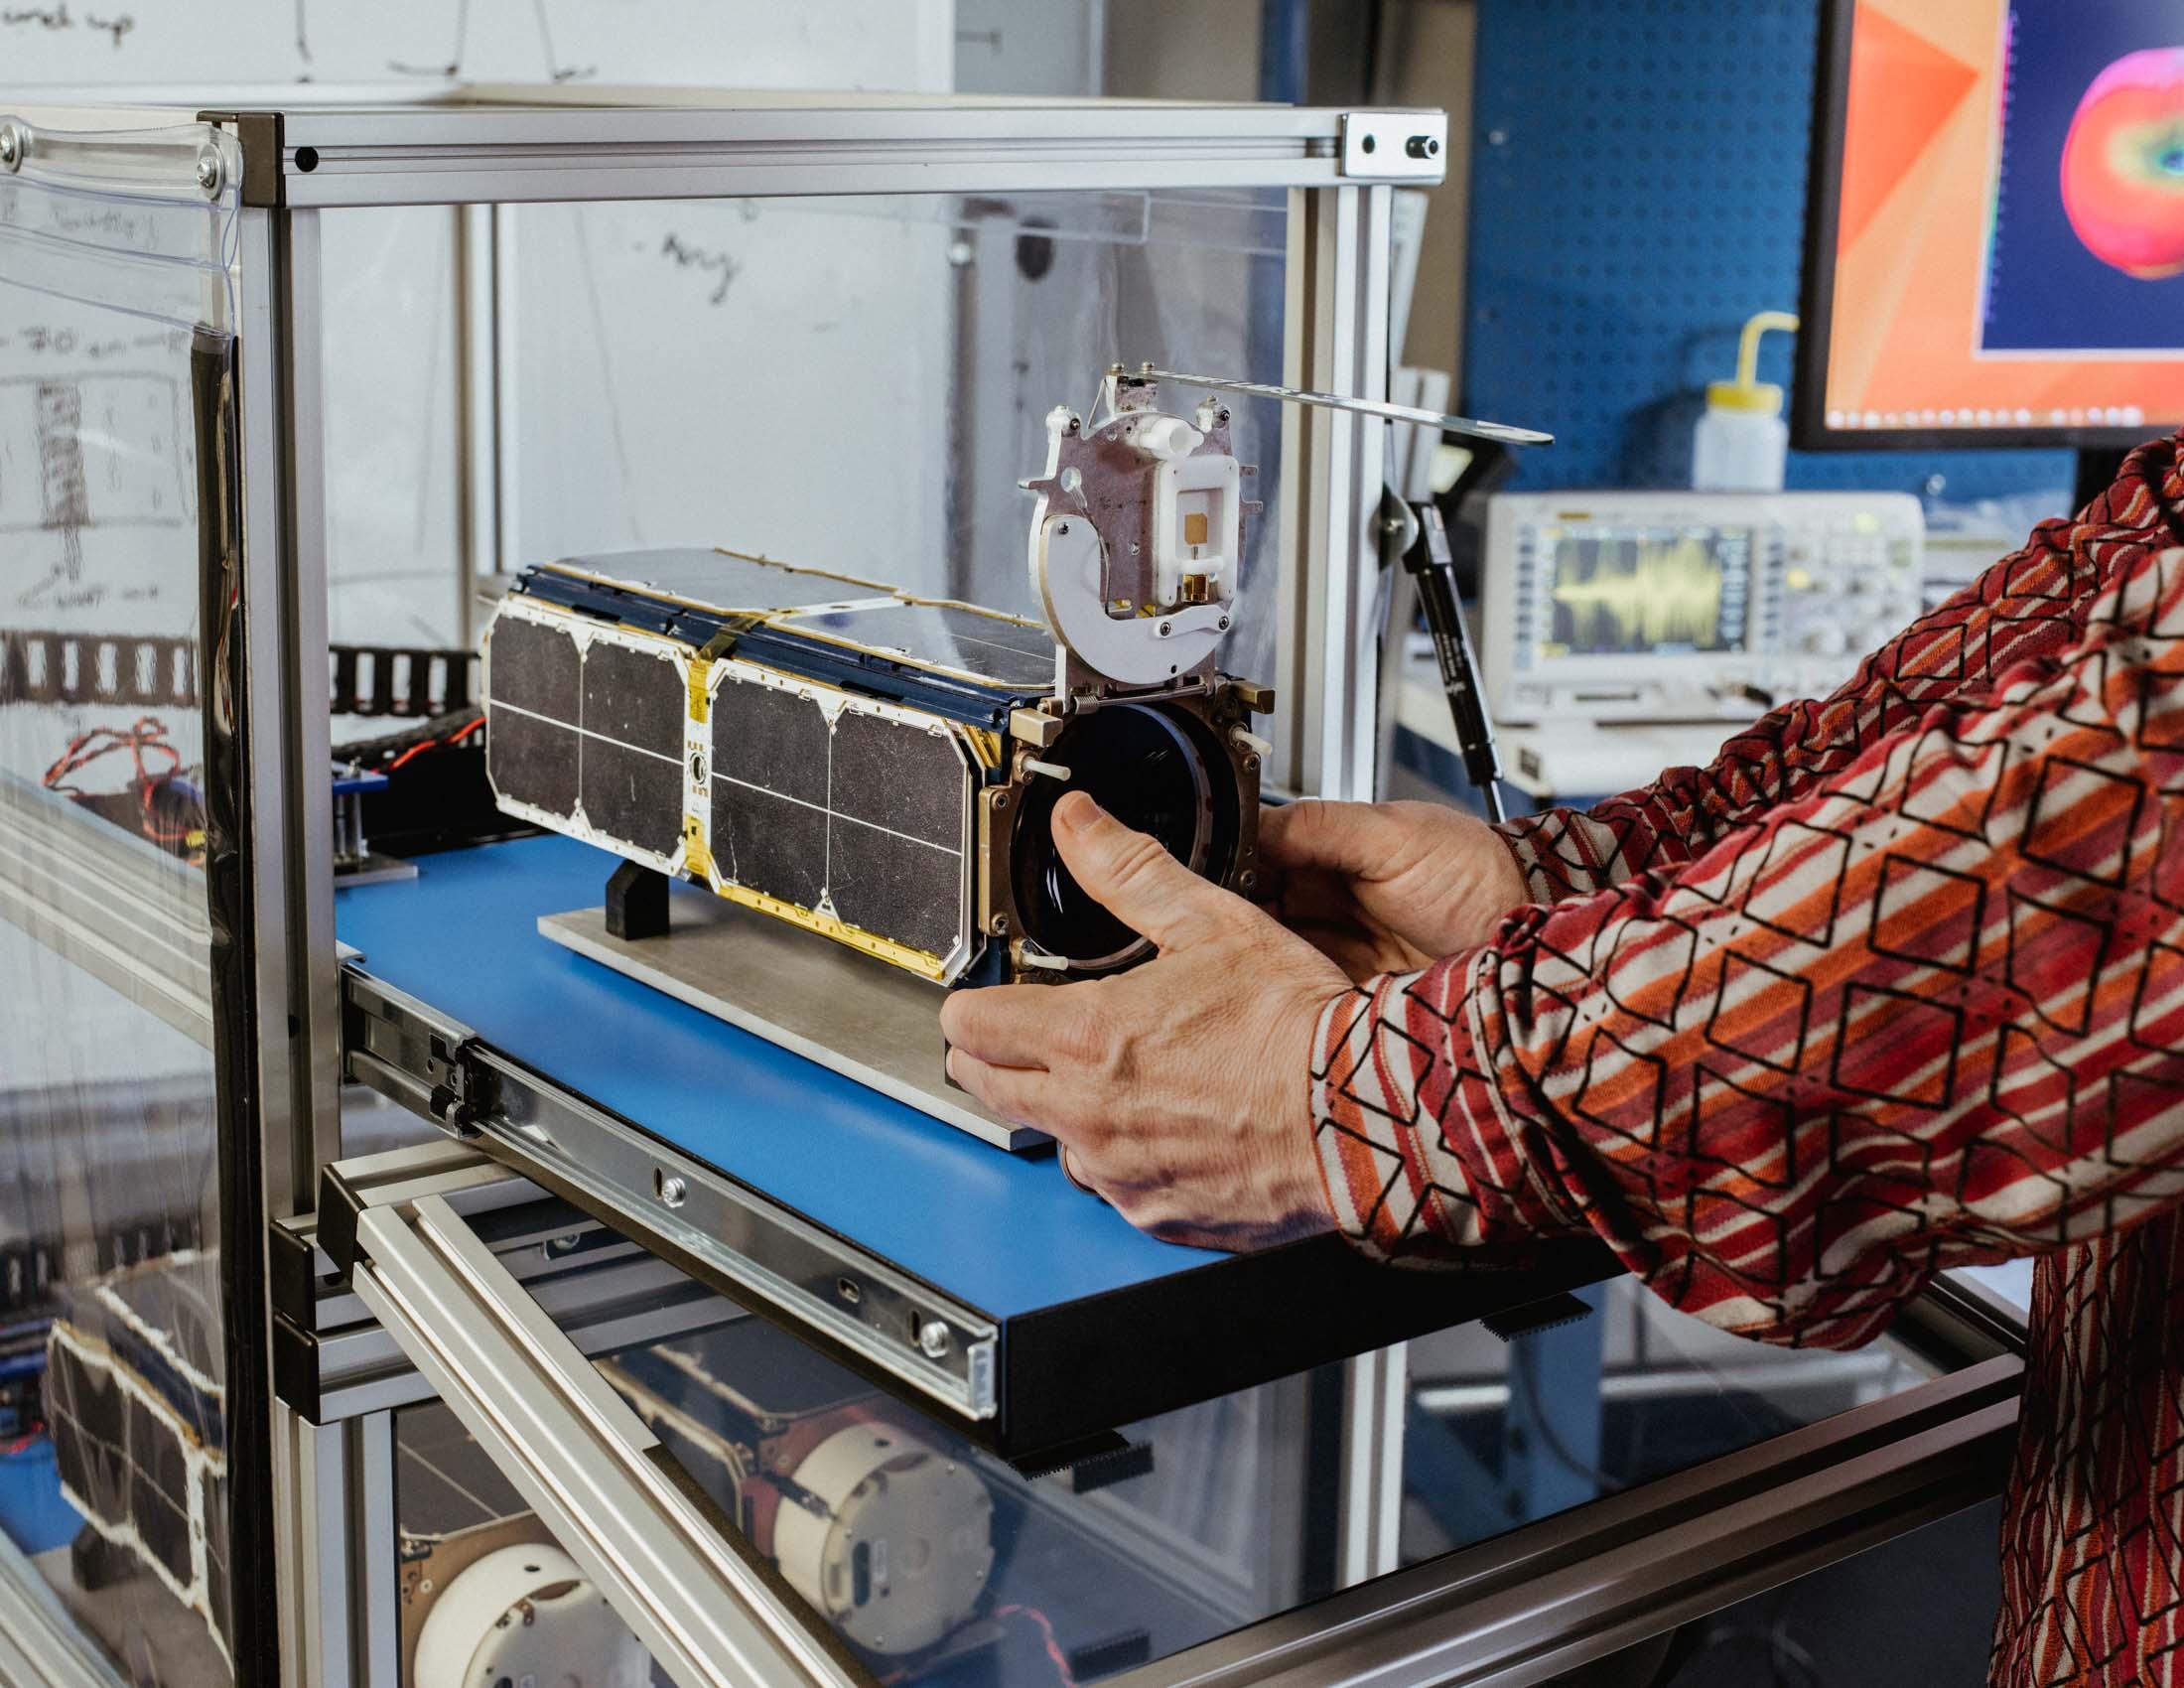 Новозеландец сделал дешёвую ракету из углеволокна и будет запускать мини-спутники - 7